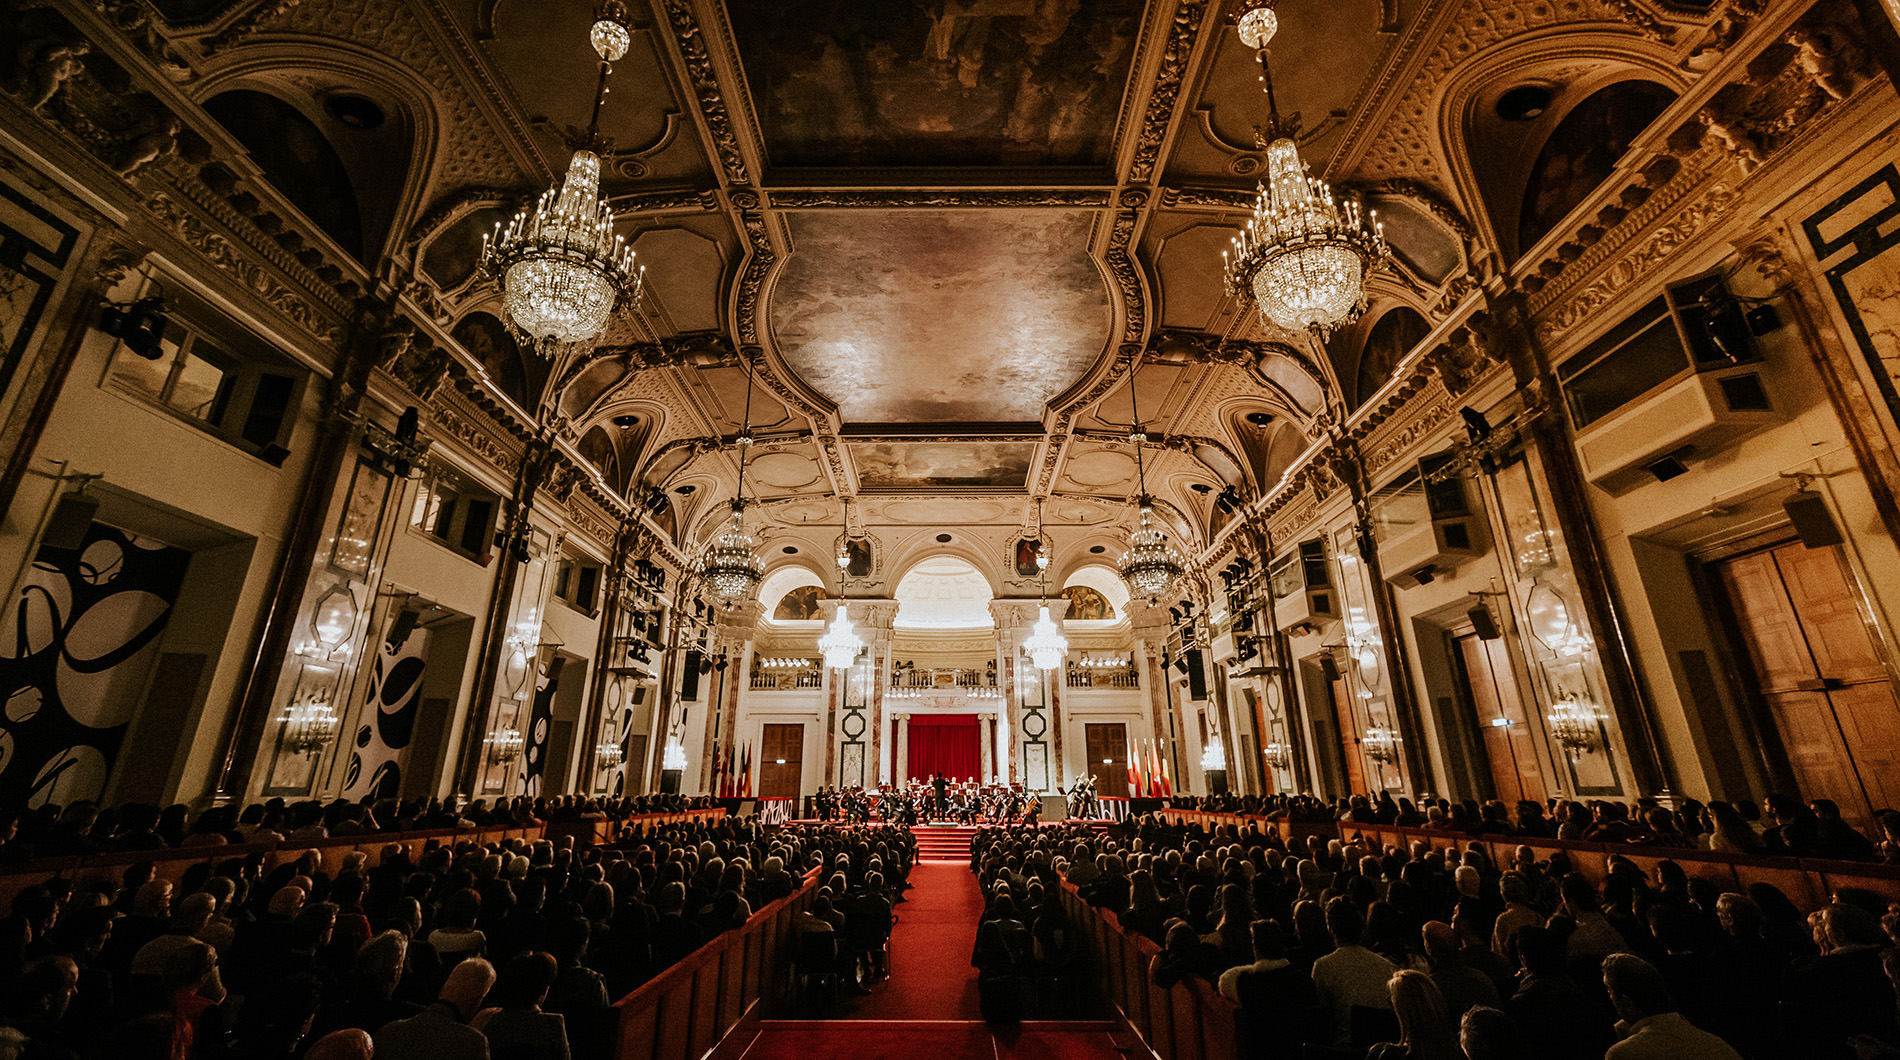 Festsaal der Hofburg Wien am Weihnachtskonzert des Wiener Hofburg-Orchester